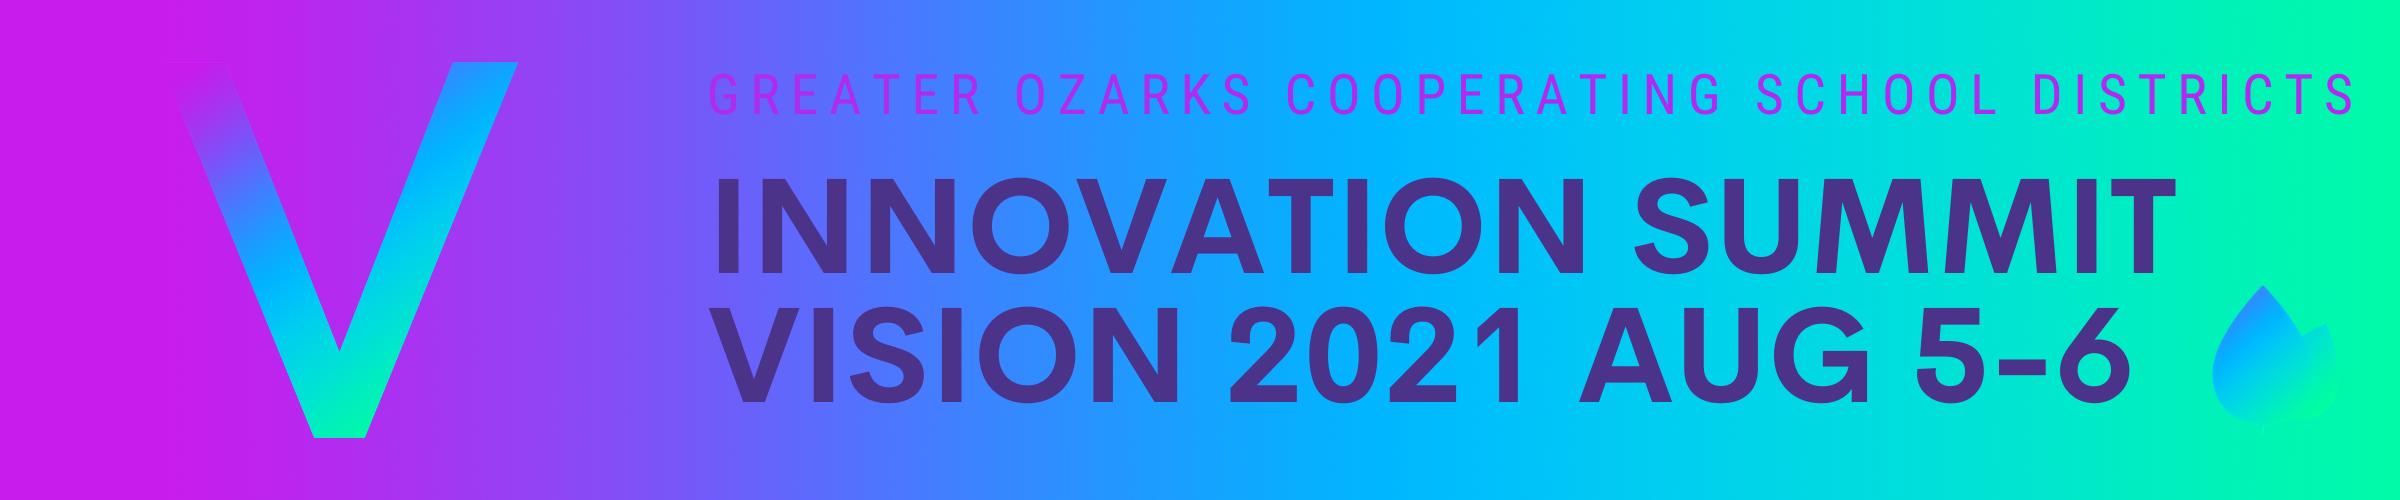 Innovation Summit Schedule